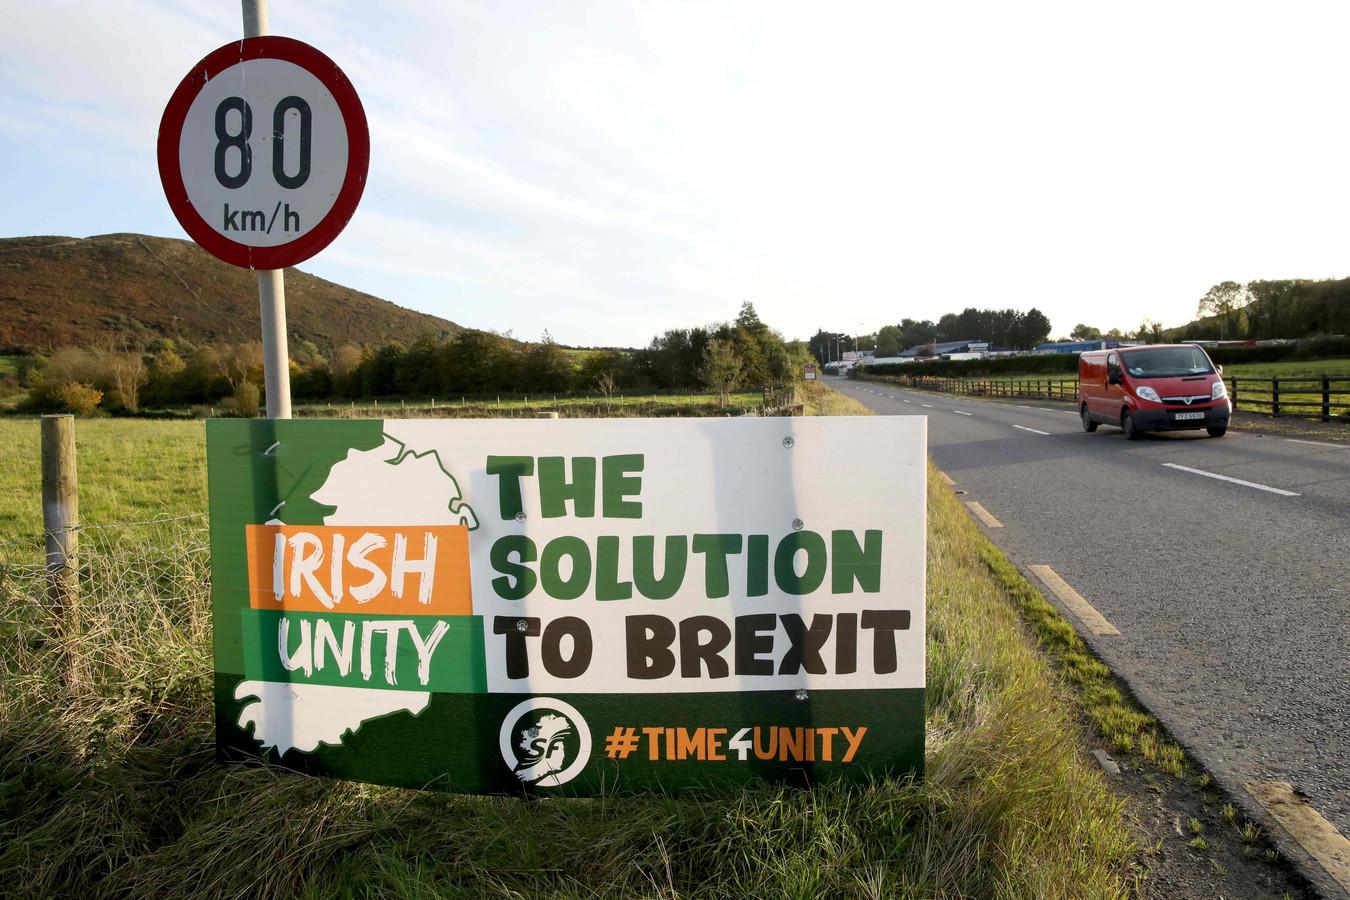 De kwestie van een grens op het Ierse eiland, tussen Ierland en Noord-Ierland, blijft een heikel punt.